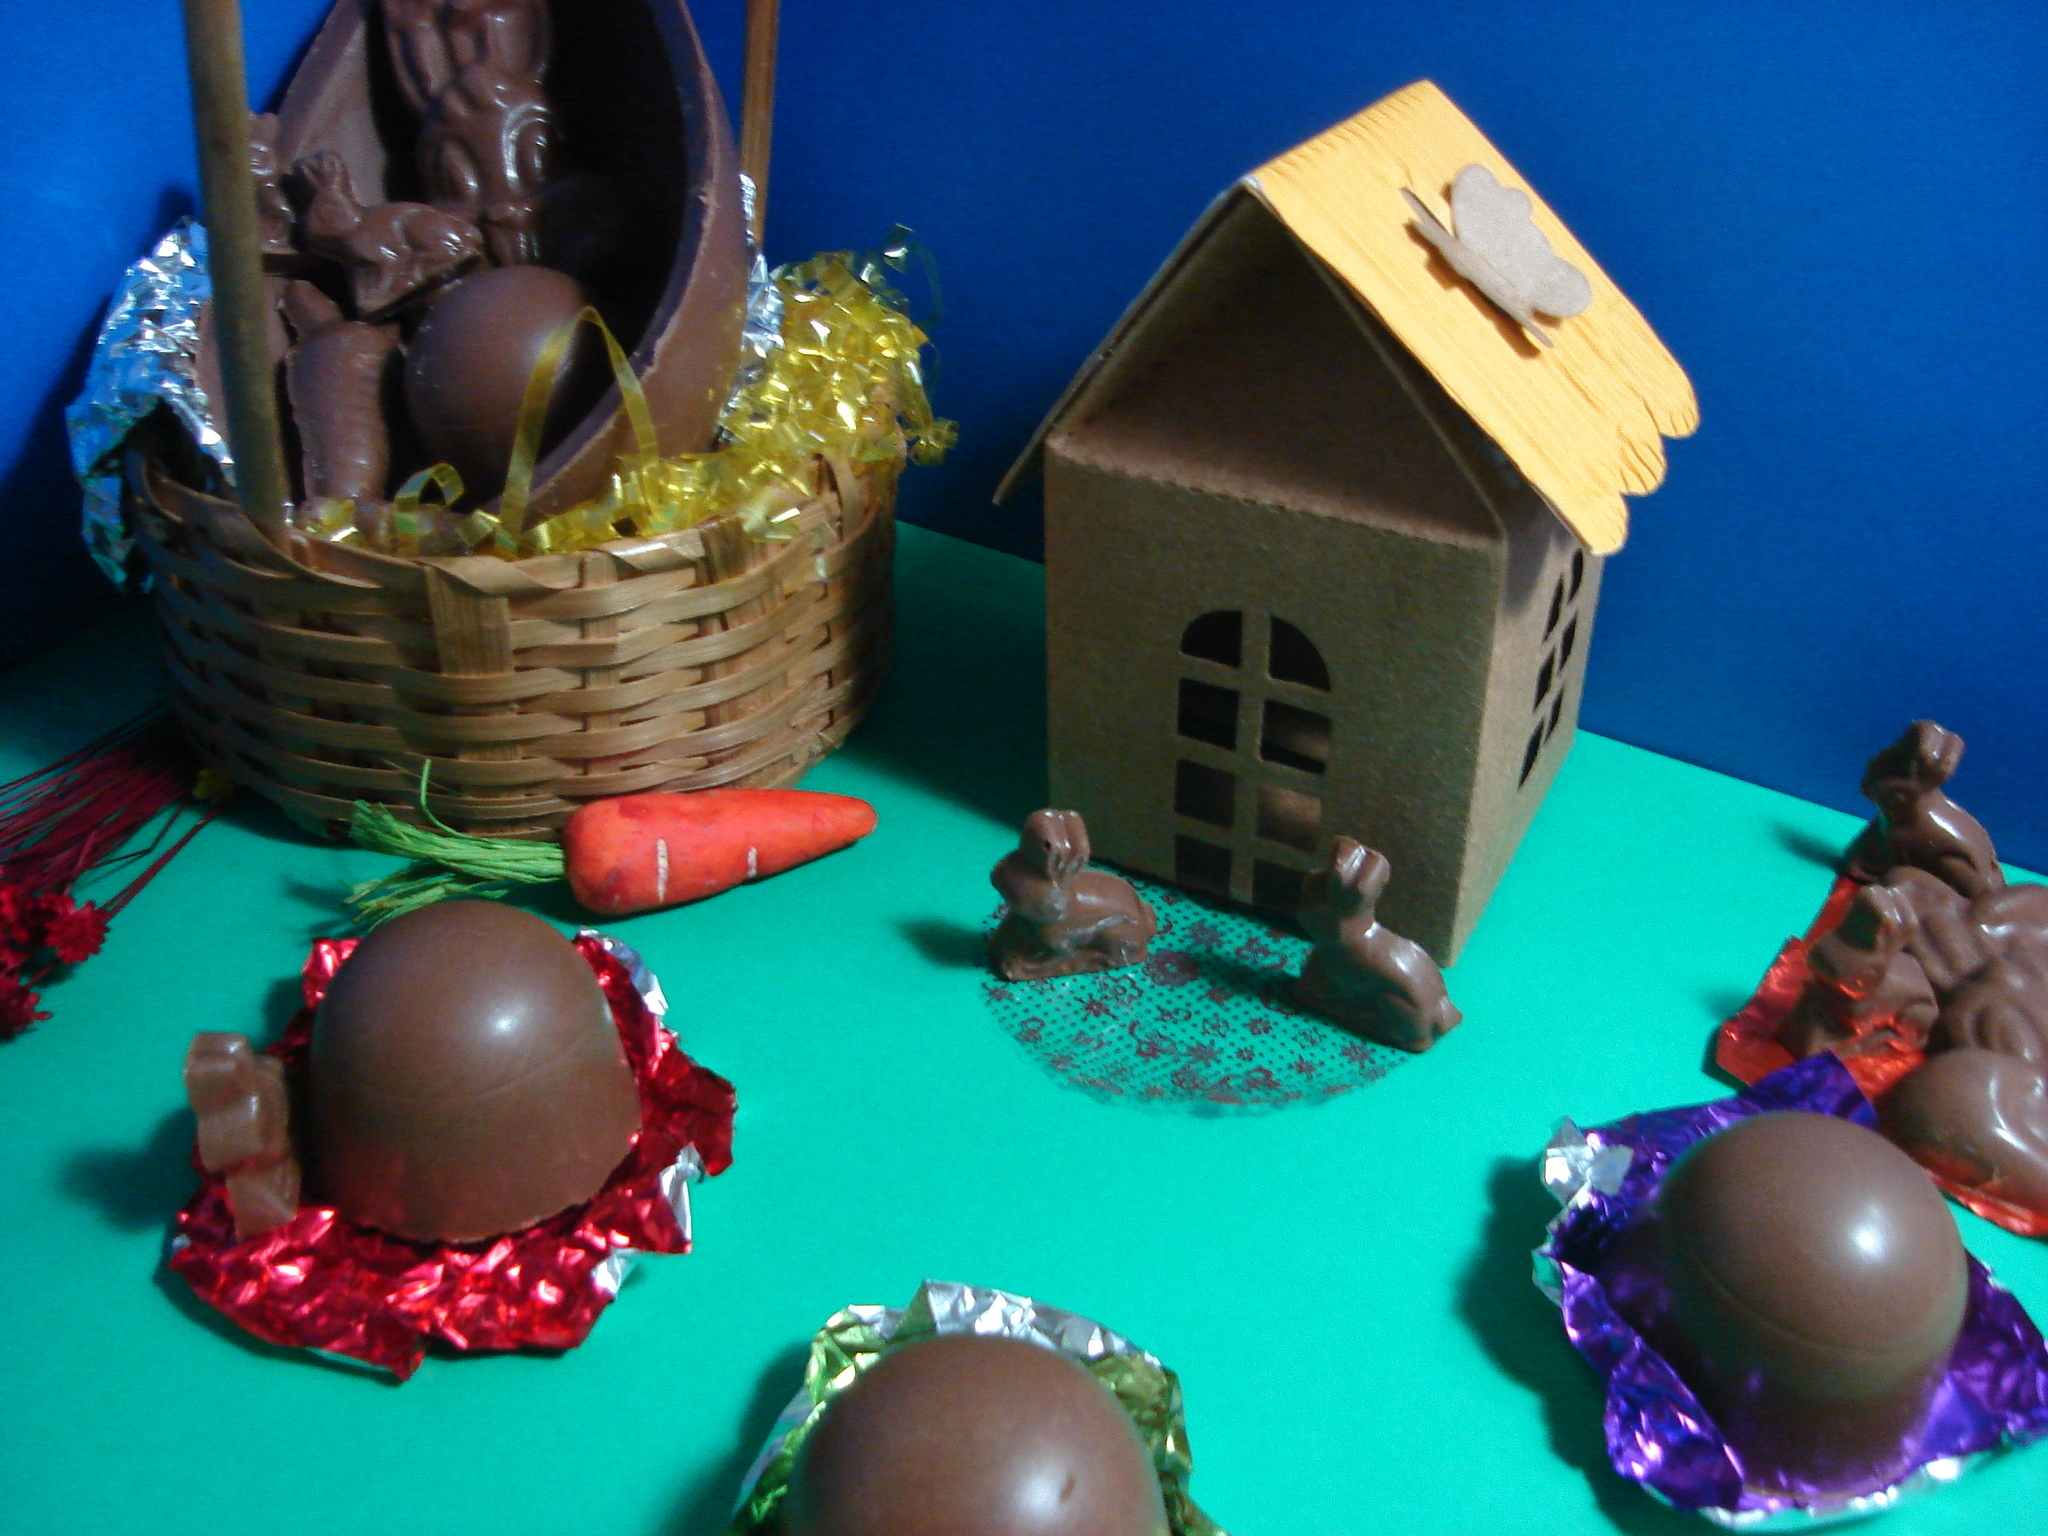 Como temperar chocolate e preparar bombons e ovos de Páscoa